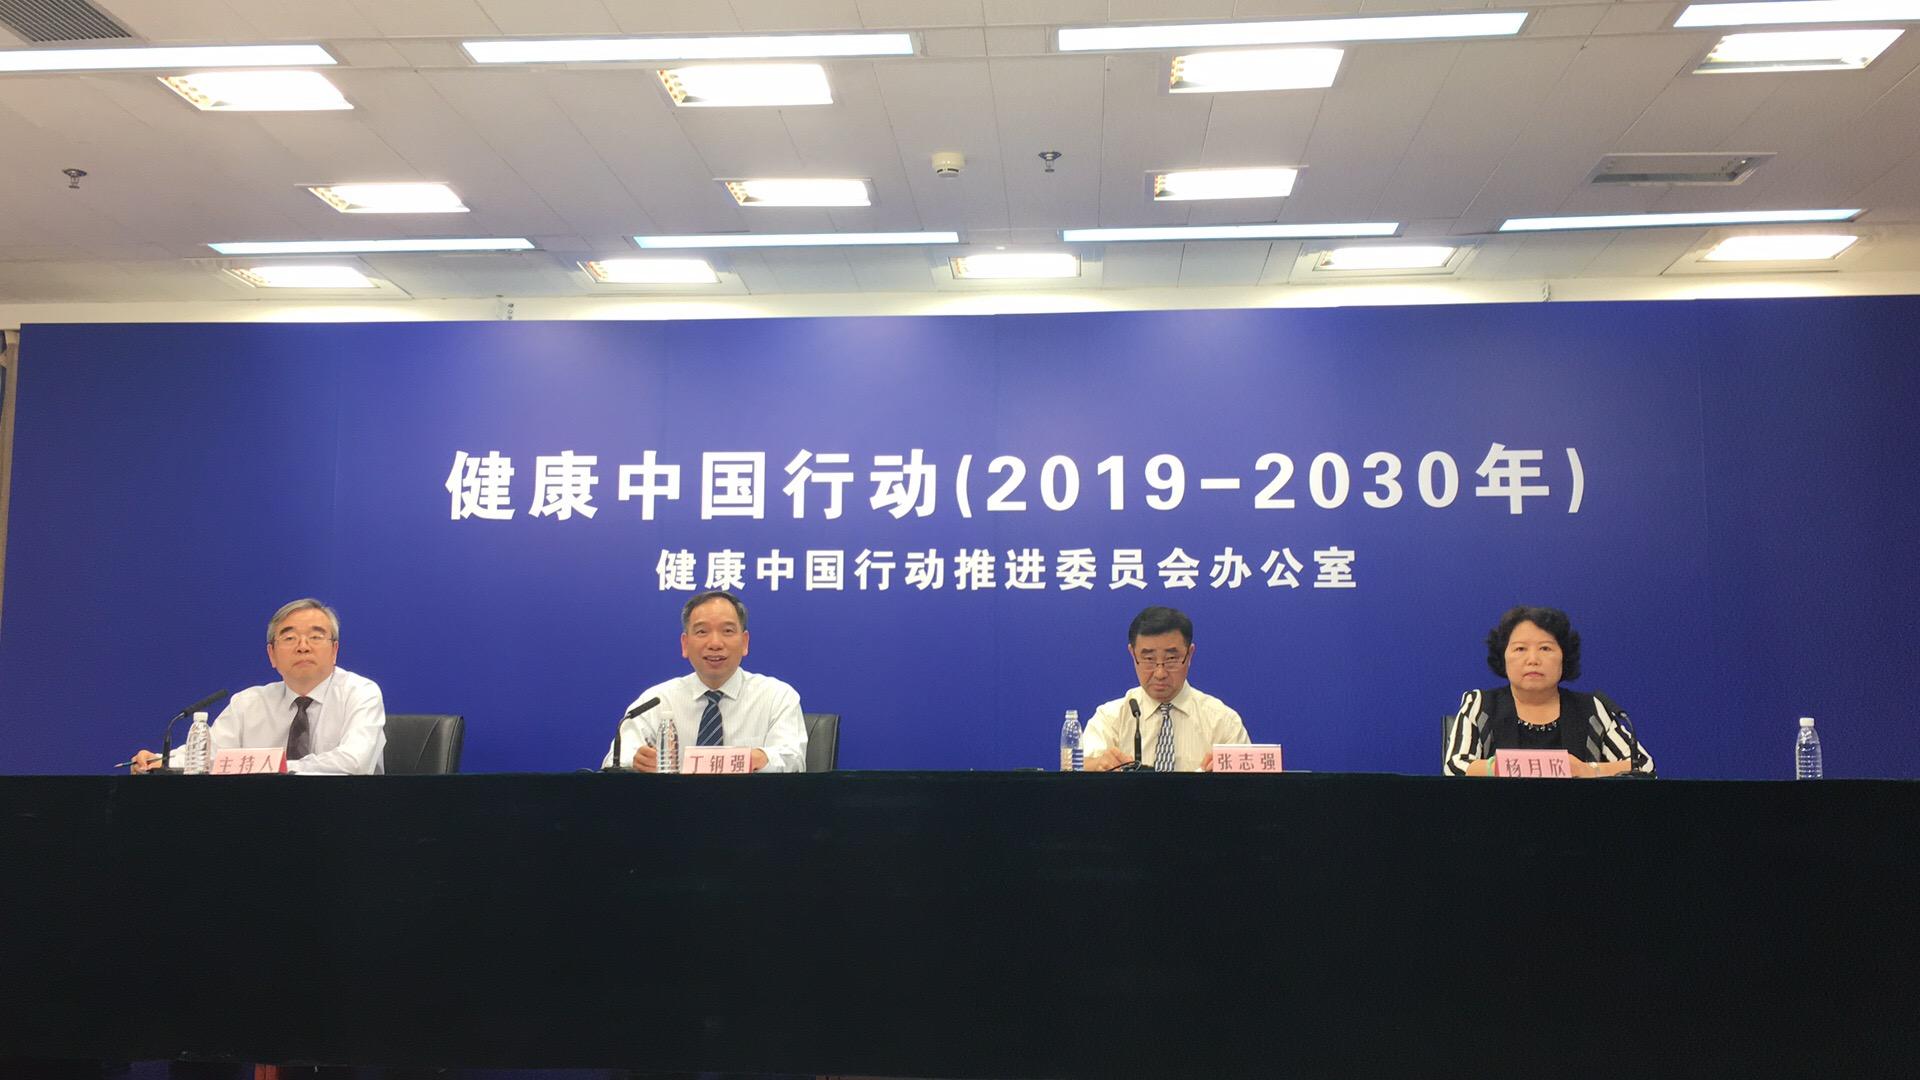 """健康中国行动推进委员会办公室就""""健康中国行动""""之合理膳食行动有关情况举行新闻发布会"""